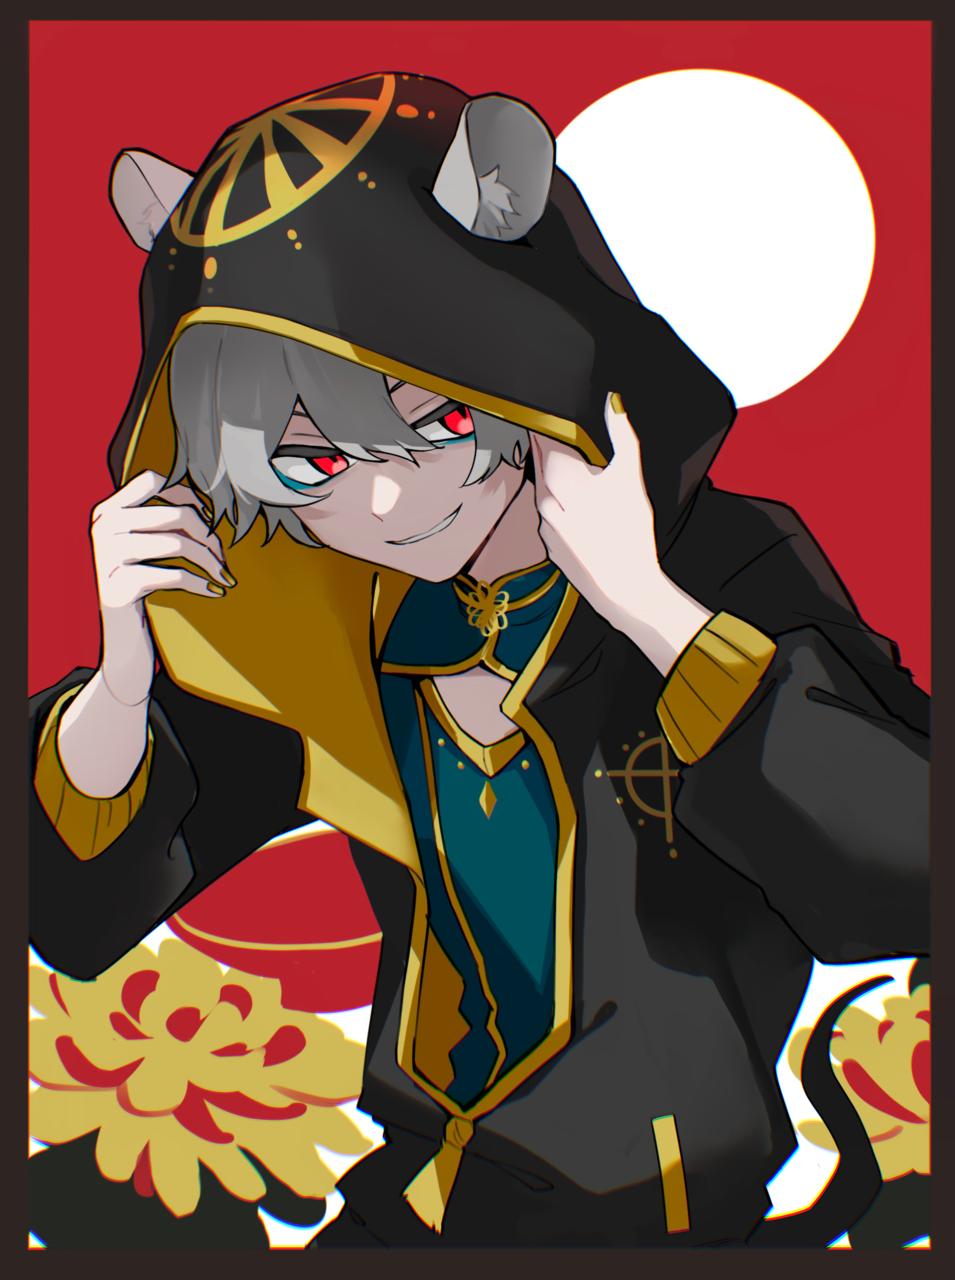 月見で一杯 Illust of 吉草 January2021_Contest:OC 花札 boy oc